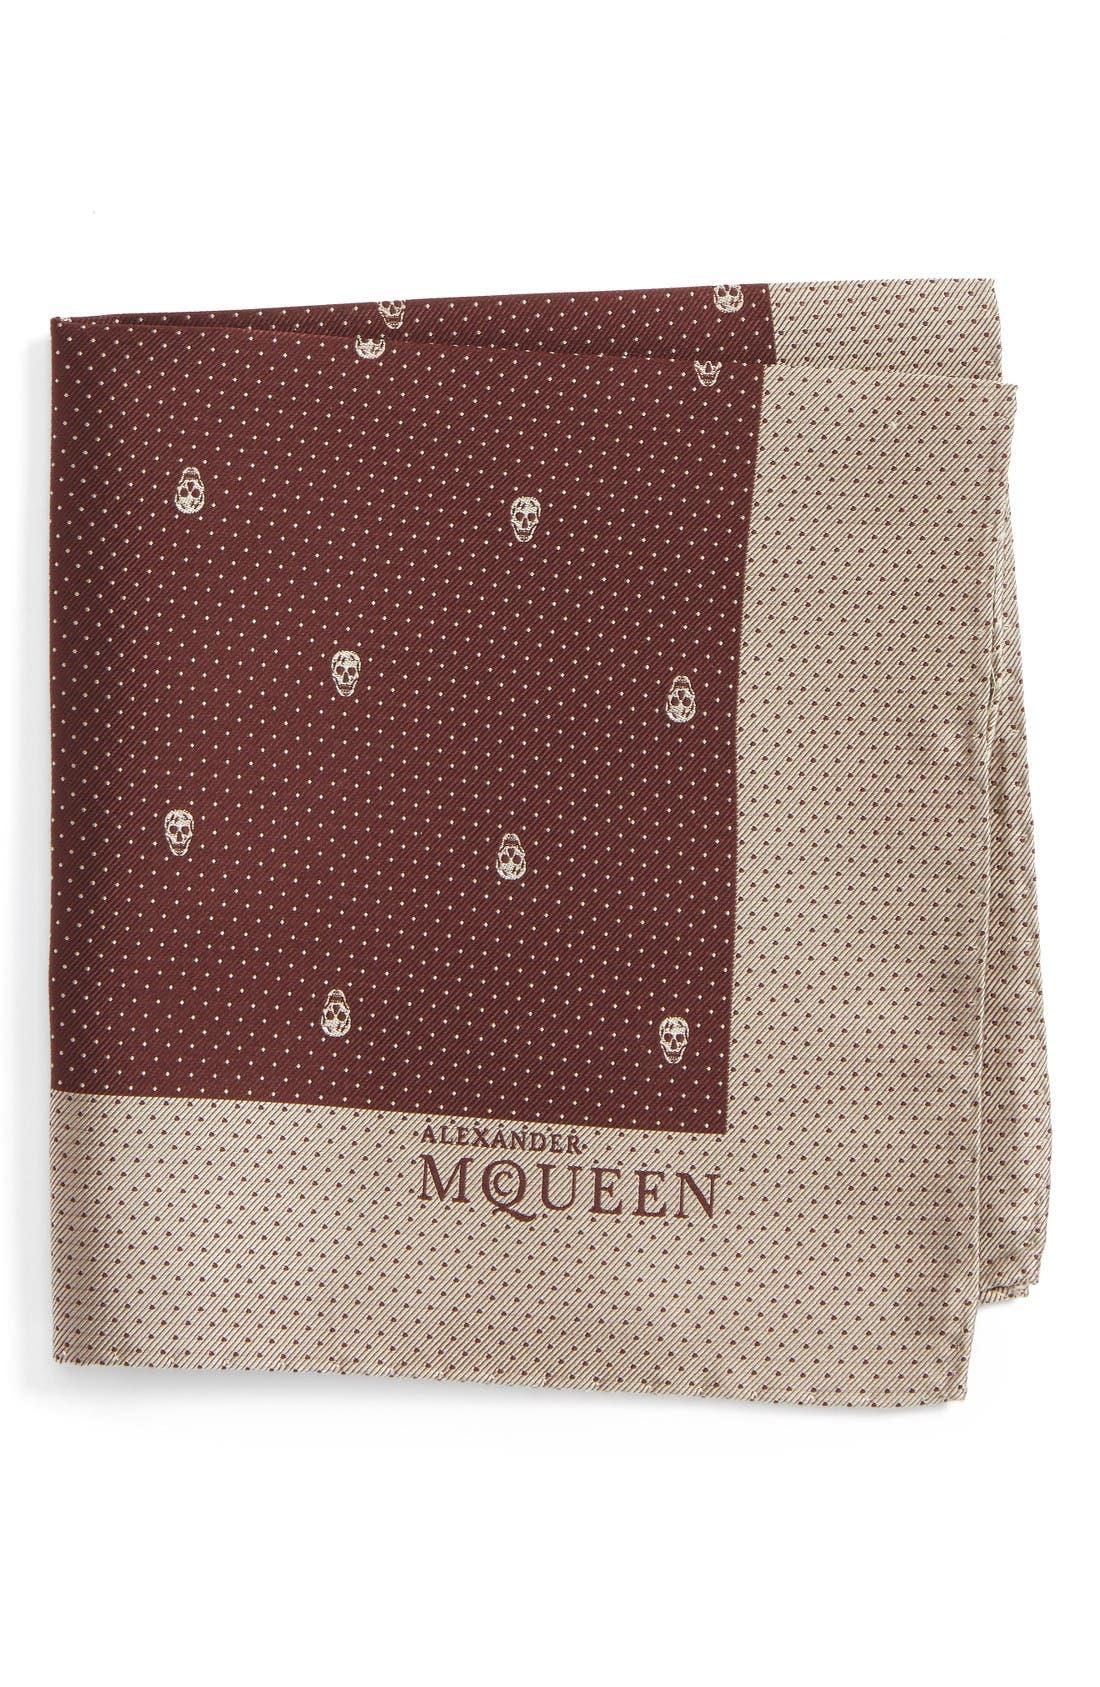 Alexander McQueen Skull Dot Silk Pocket Square